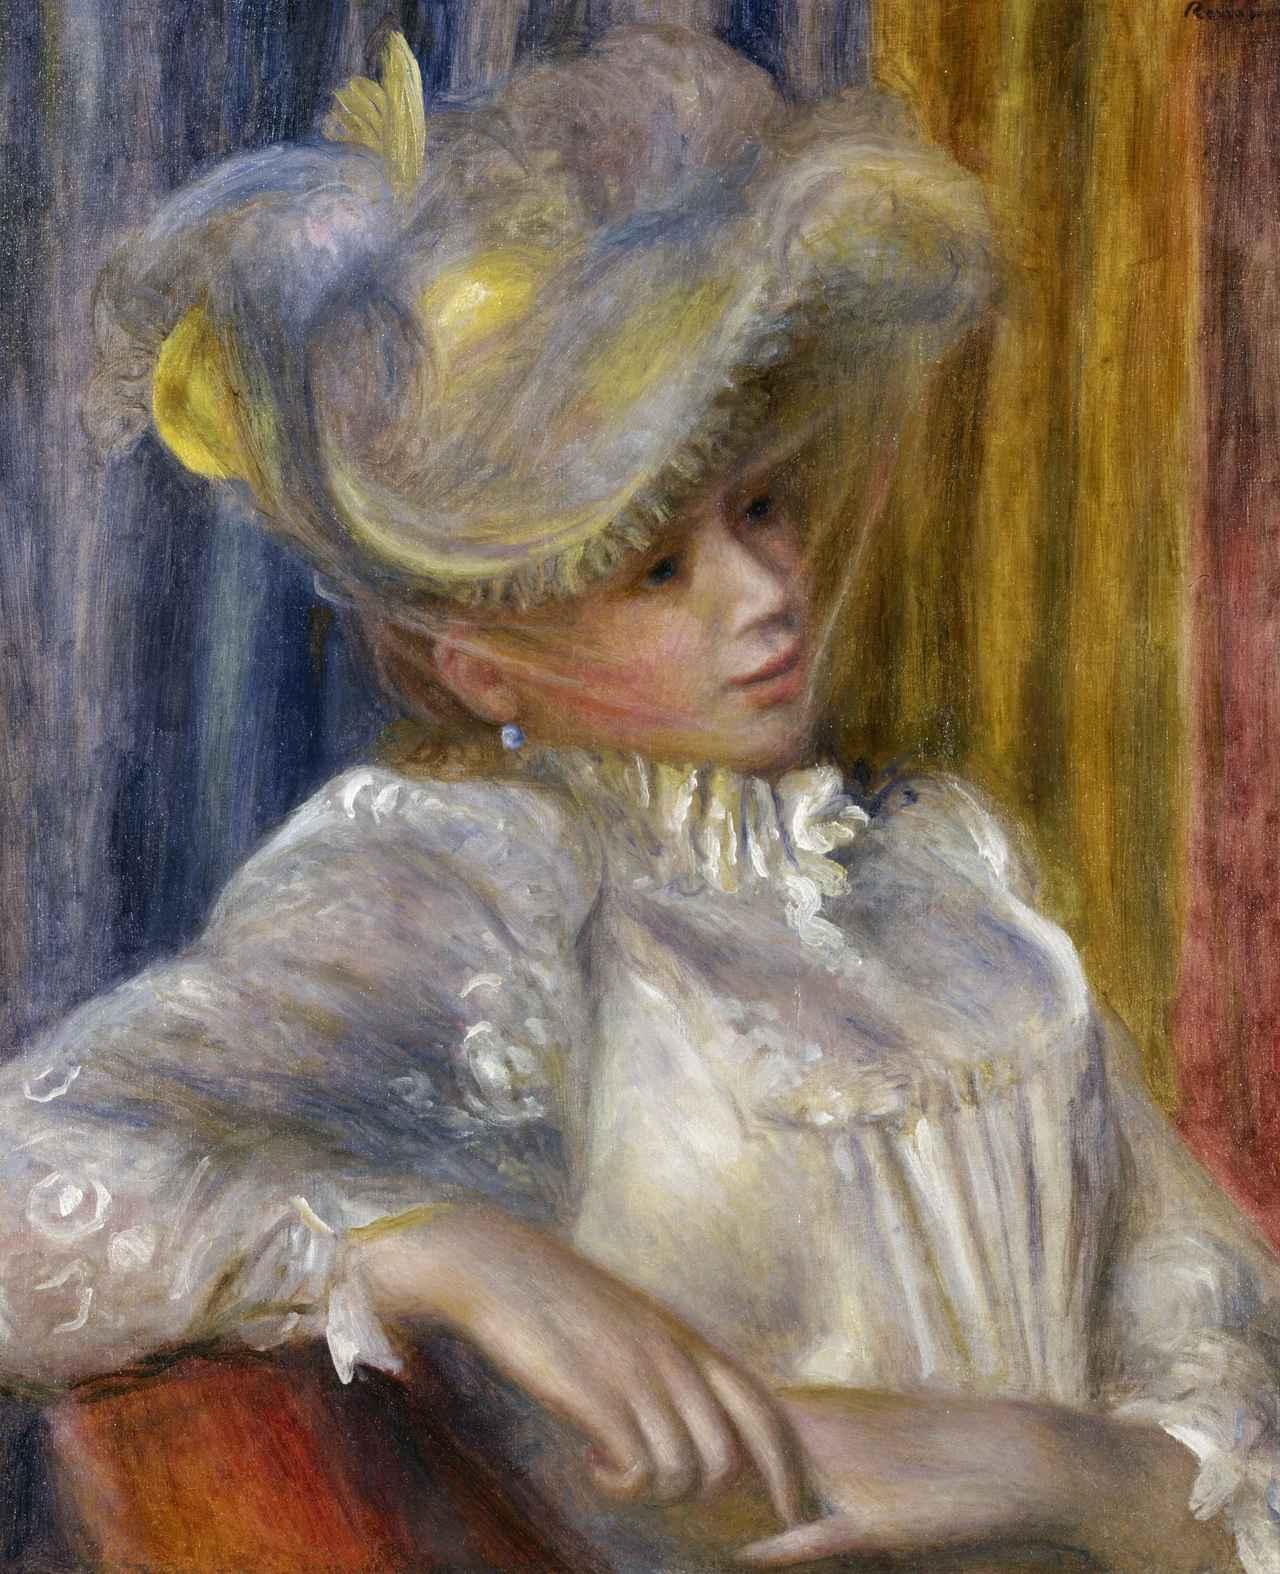 画像: ピエール=オーギュスト・ルノワール《帽子の女》 1891年 油彩、カンヴァス 国立西洋美術館(松方コレクション)